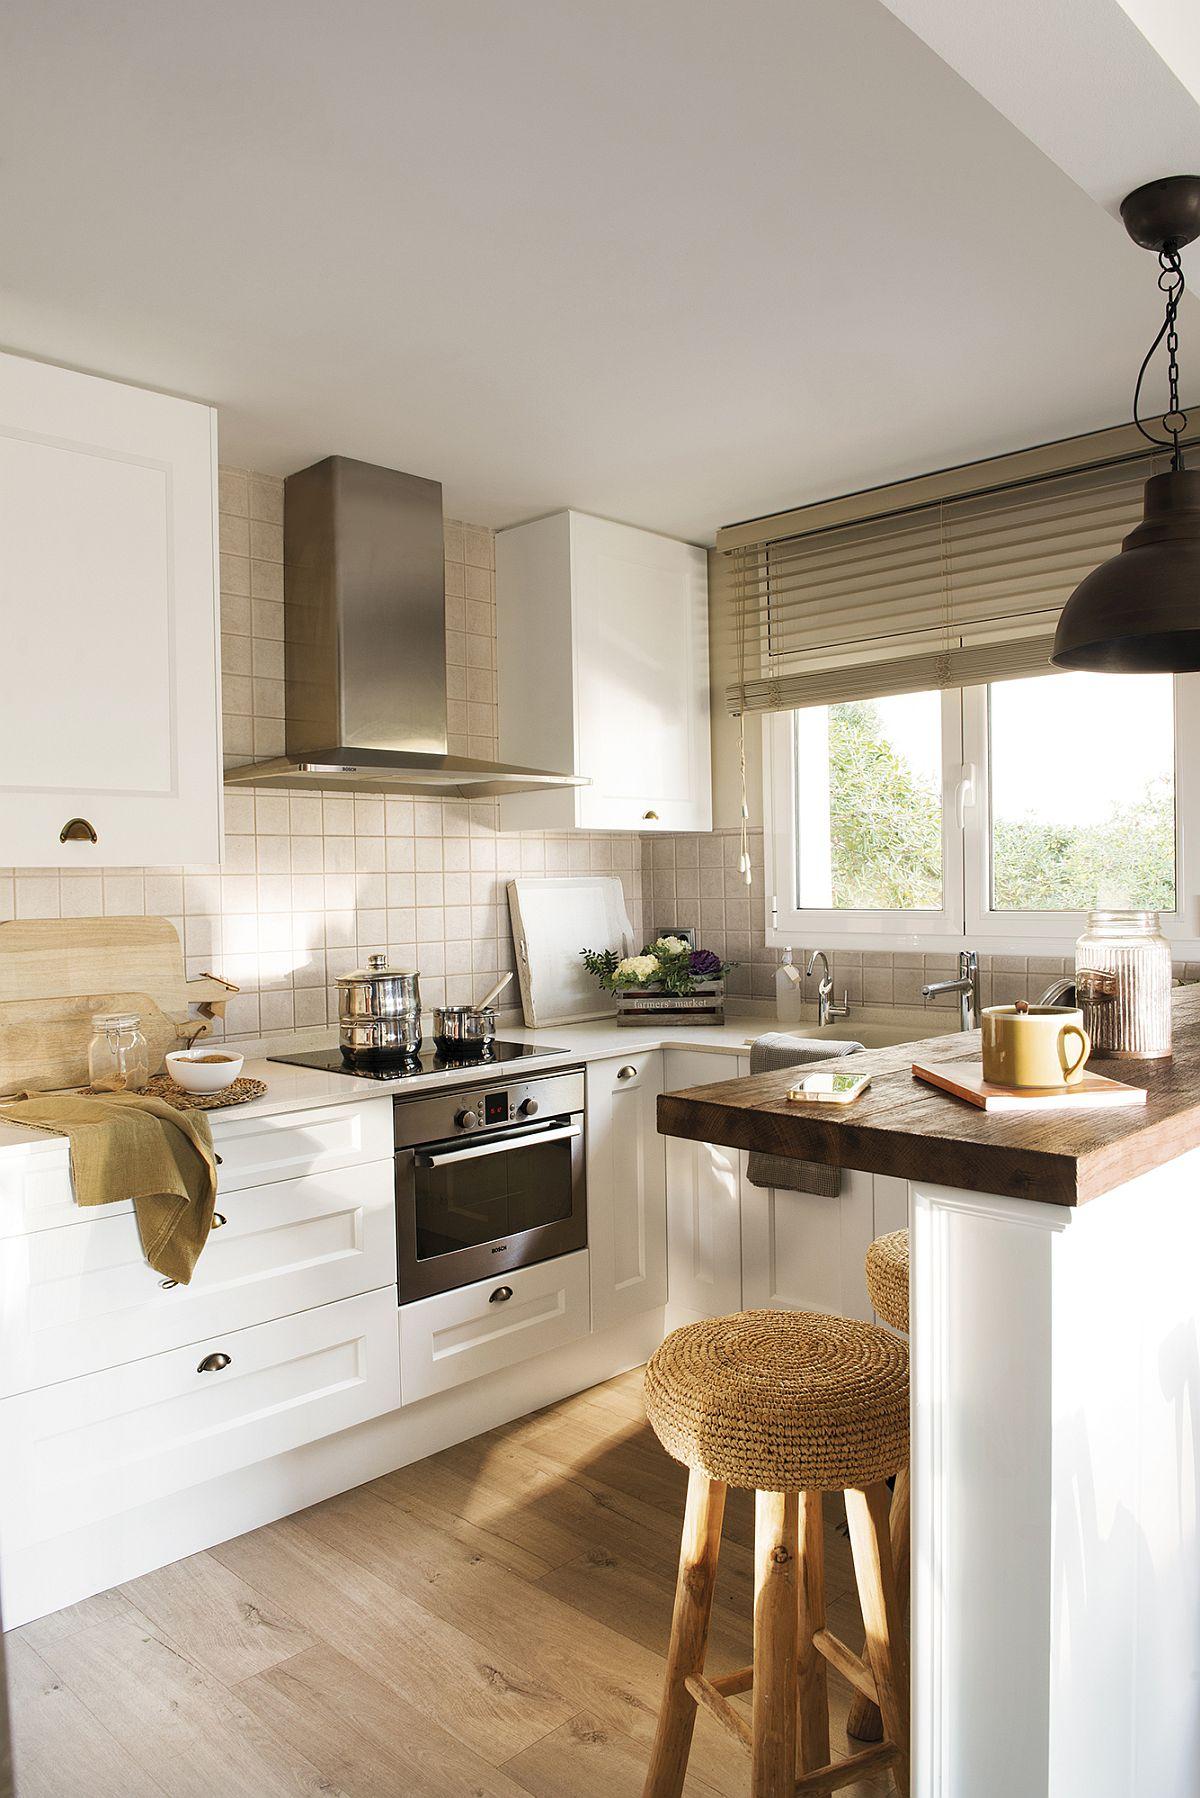 Bucătăria a fost regândită cu zona de chiuvetă în fața ferestrei. Pentru a economisi din bani, vechea mobilă a fost păstrată parțial, respectiv carcasele pieselor de mobilă, dar au fost schimbate fețele dulapurilor și sertarele. Și aici contează foarte mult faptul că există fereastră pentru că ventilați anaturală se face repede și bine, dar este asigurată și luminp naturală.